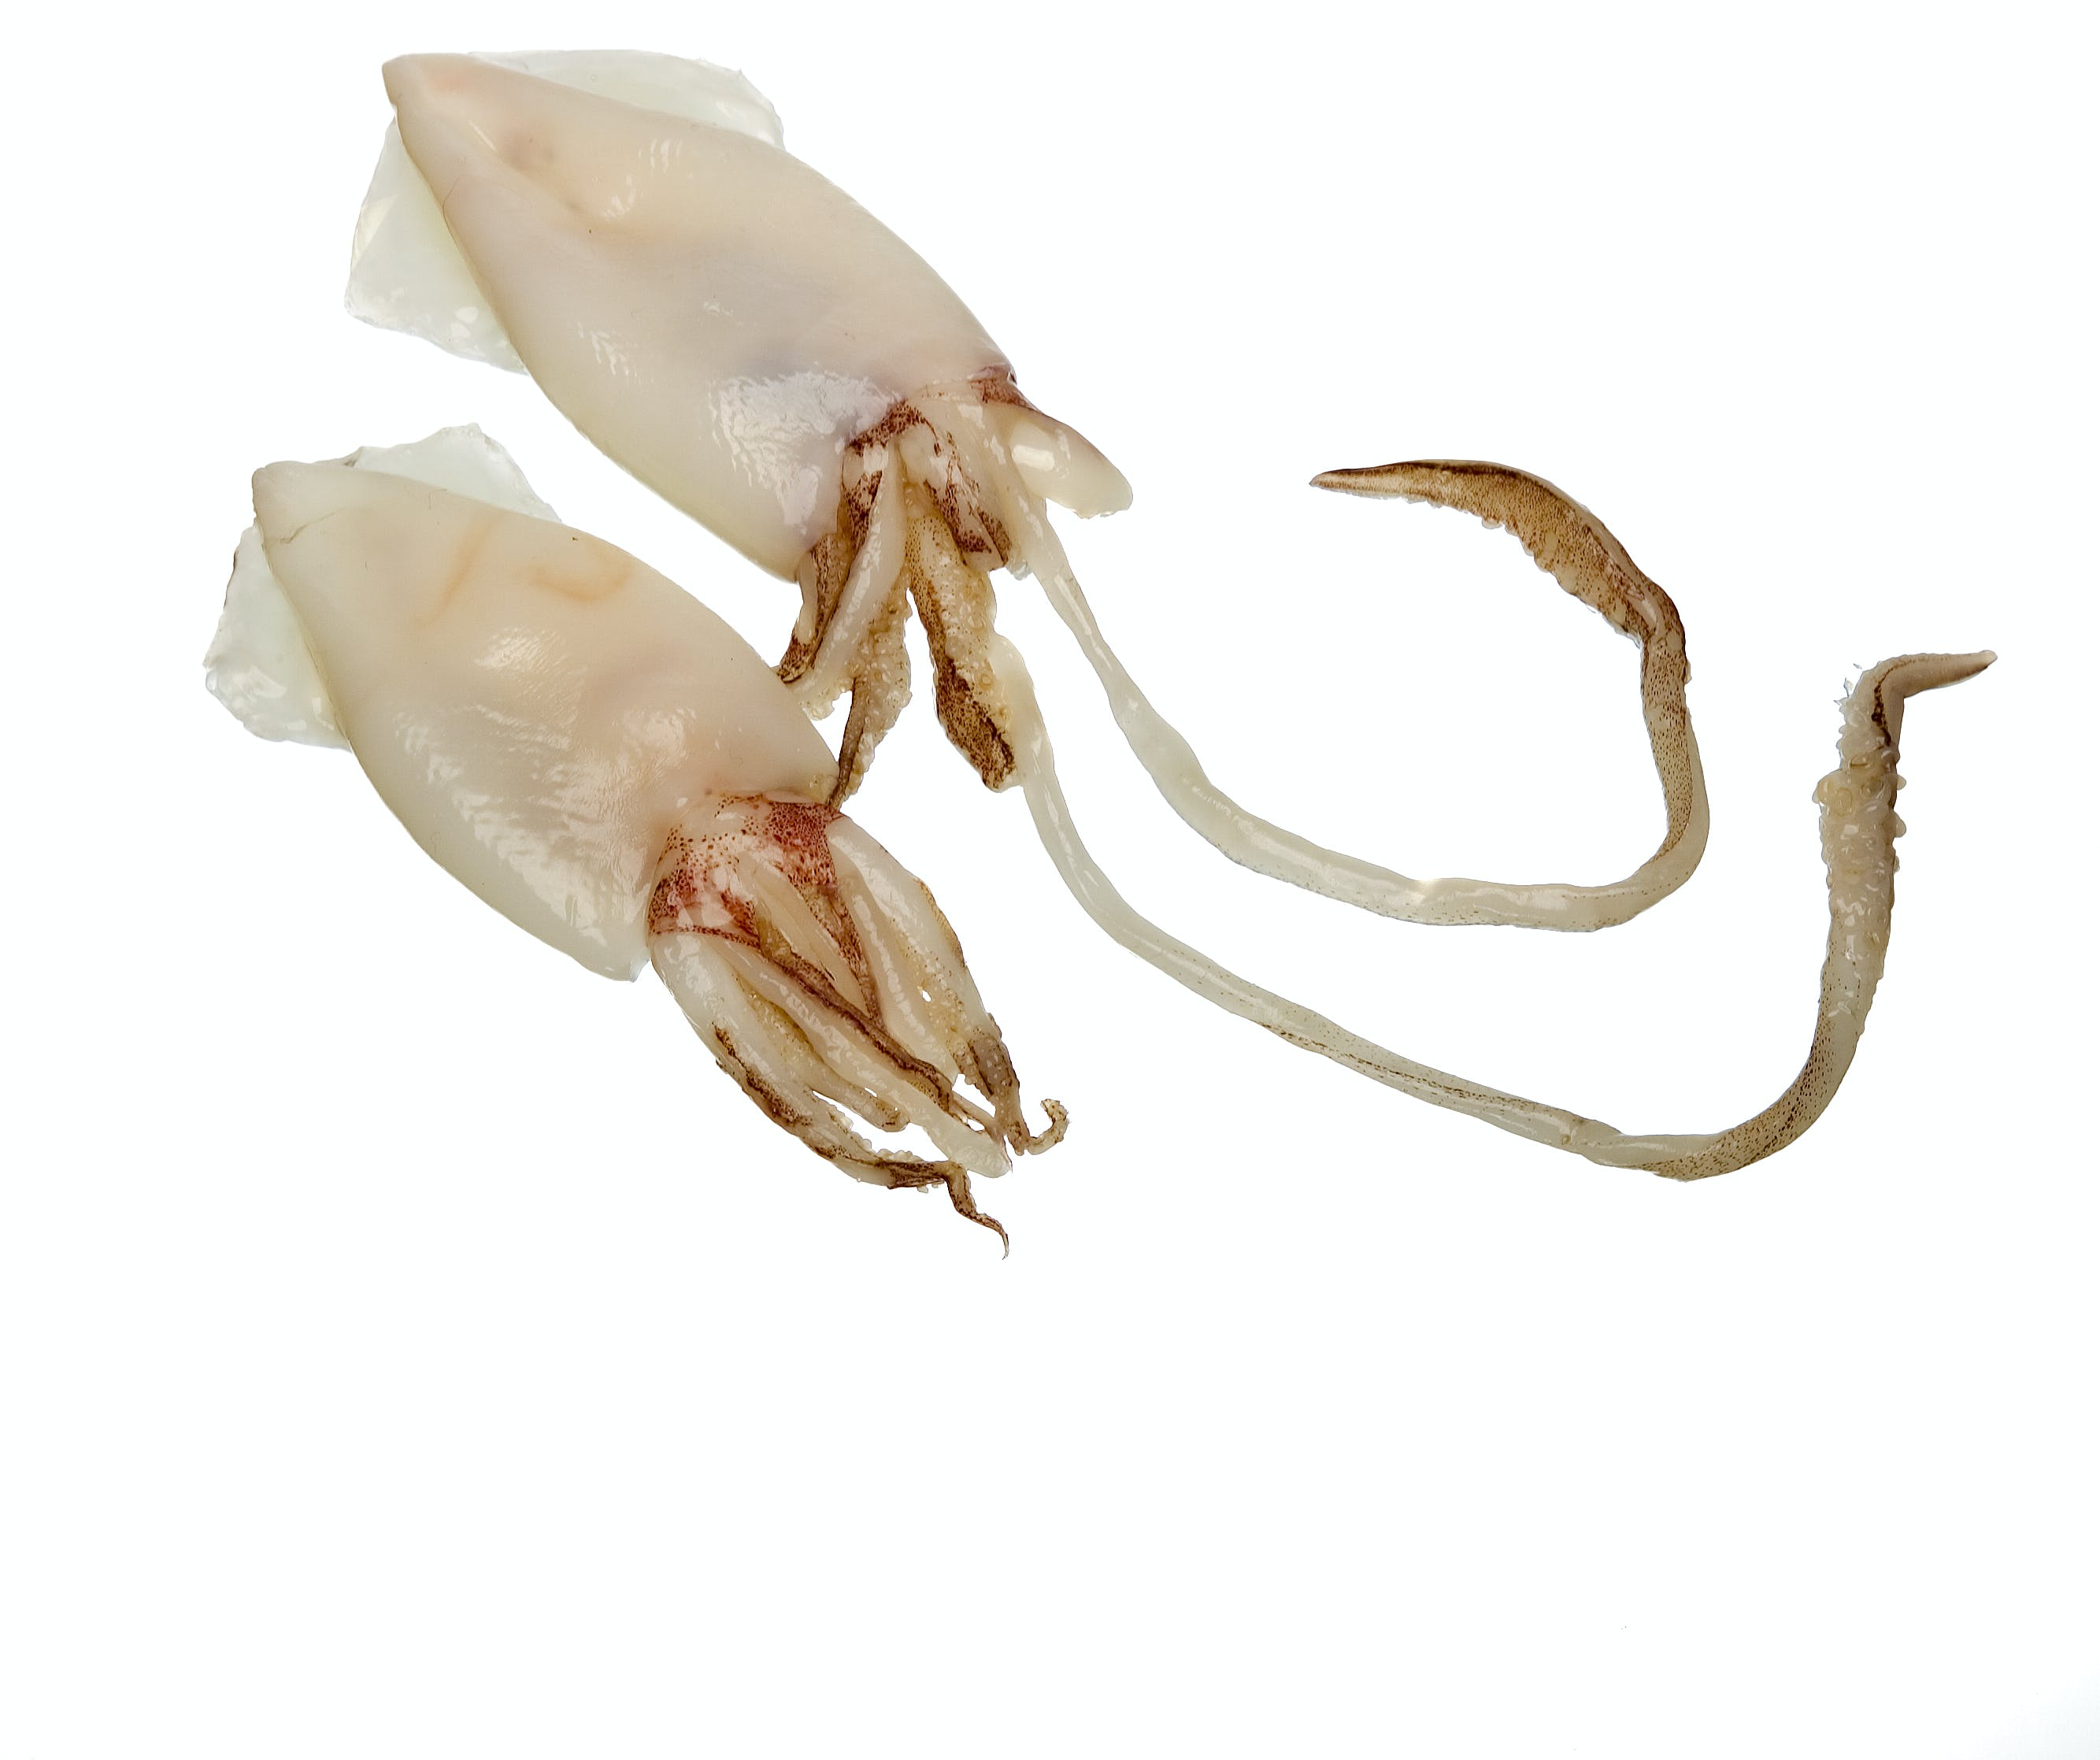 Free stock photo of italienisches essen, tintenfisch